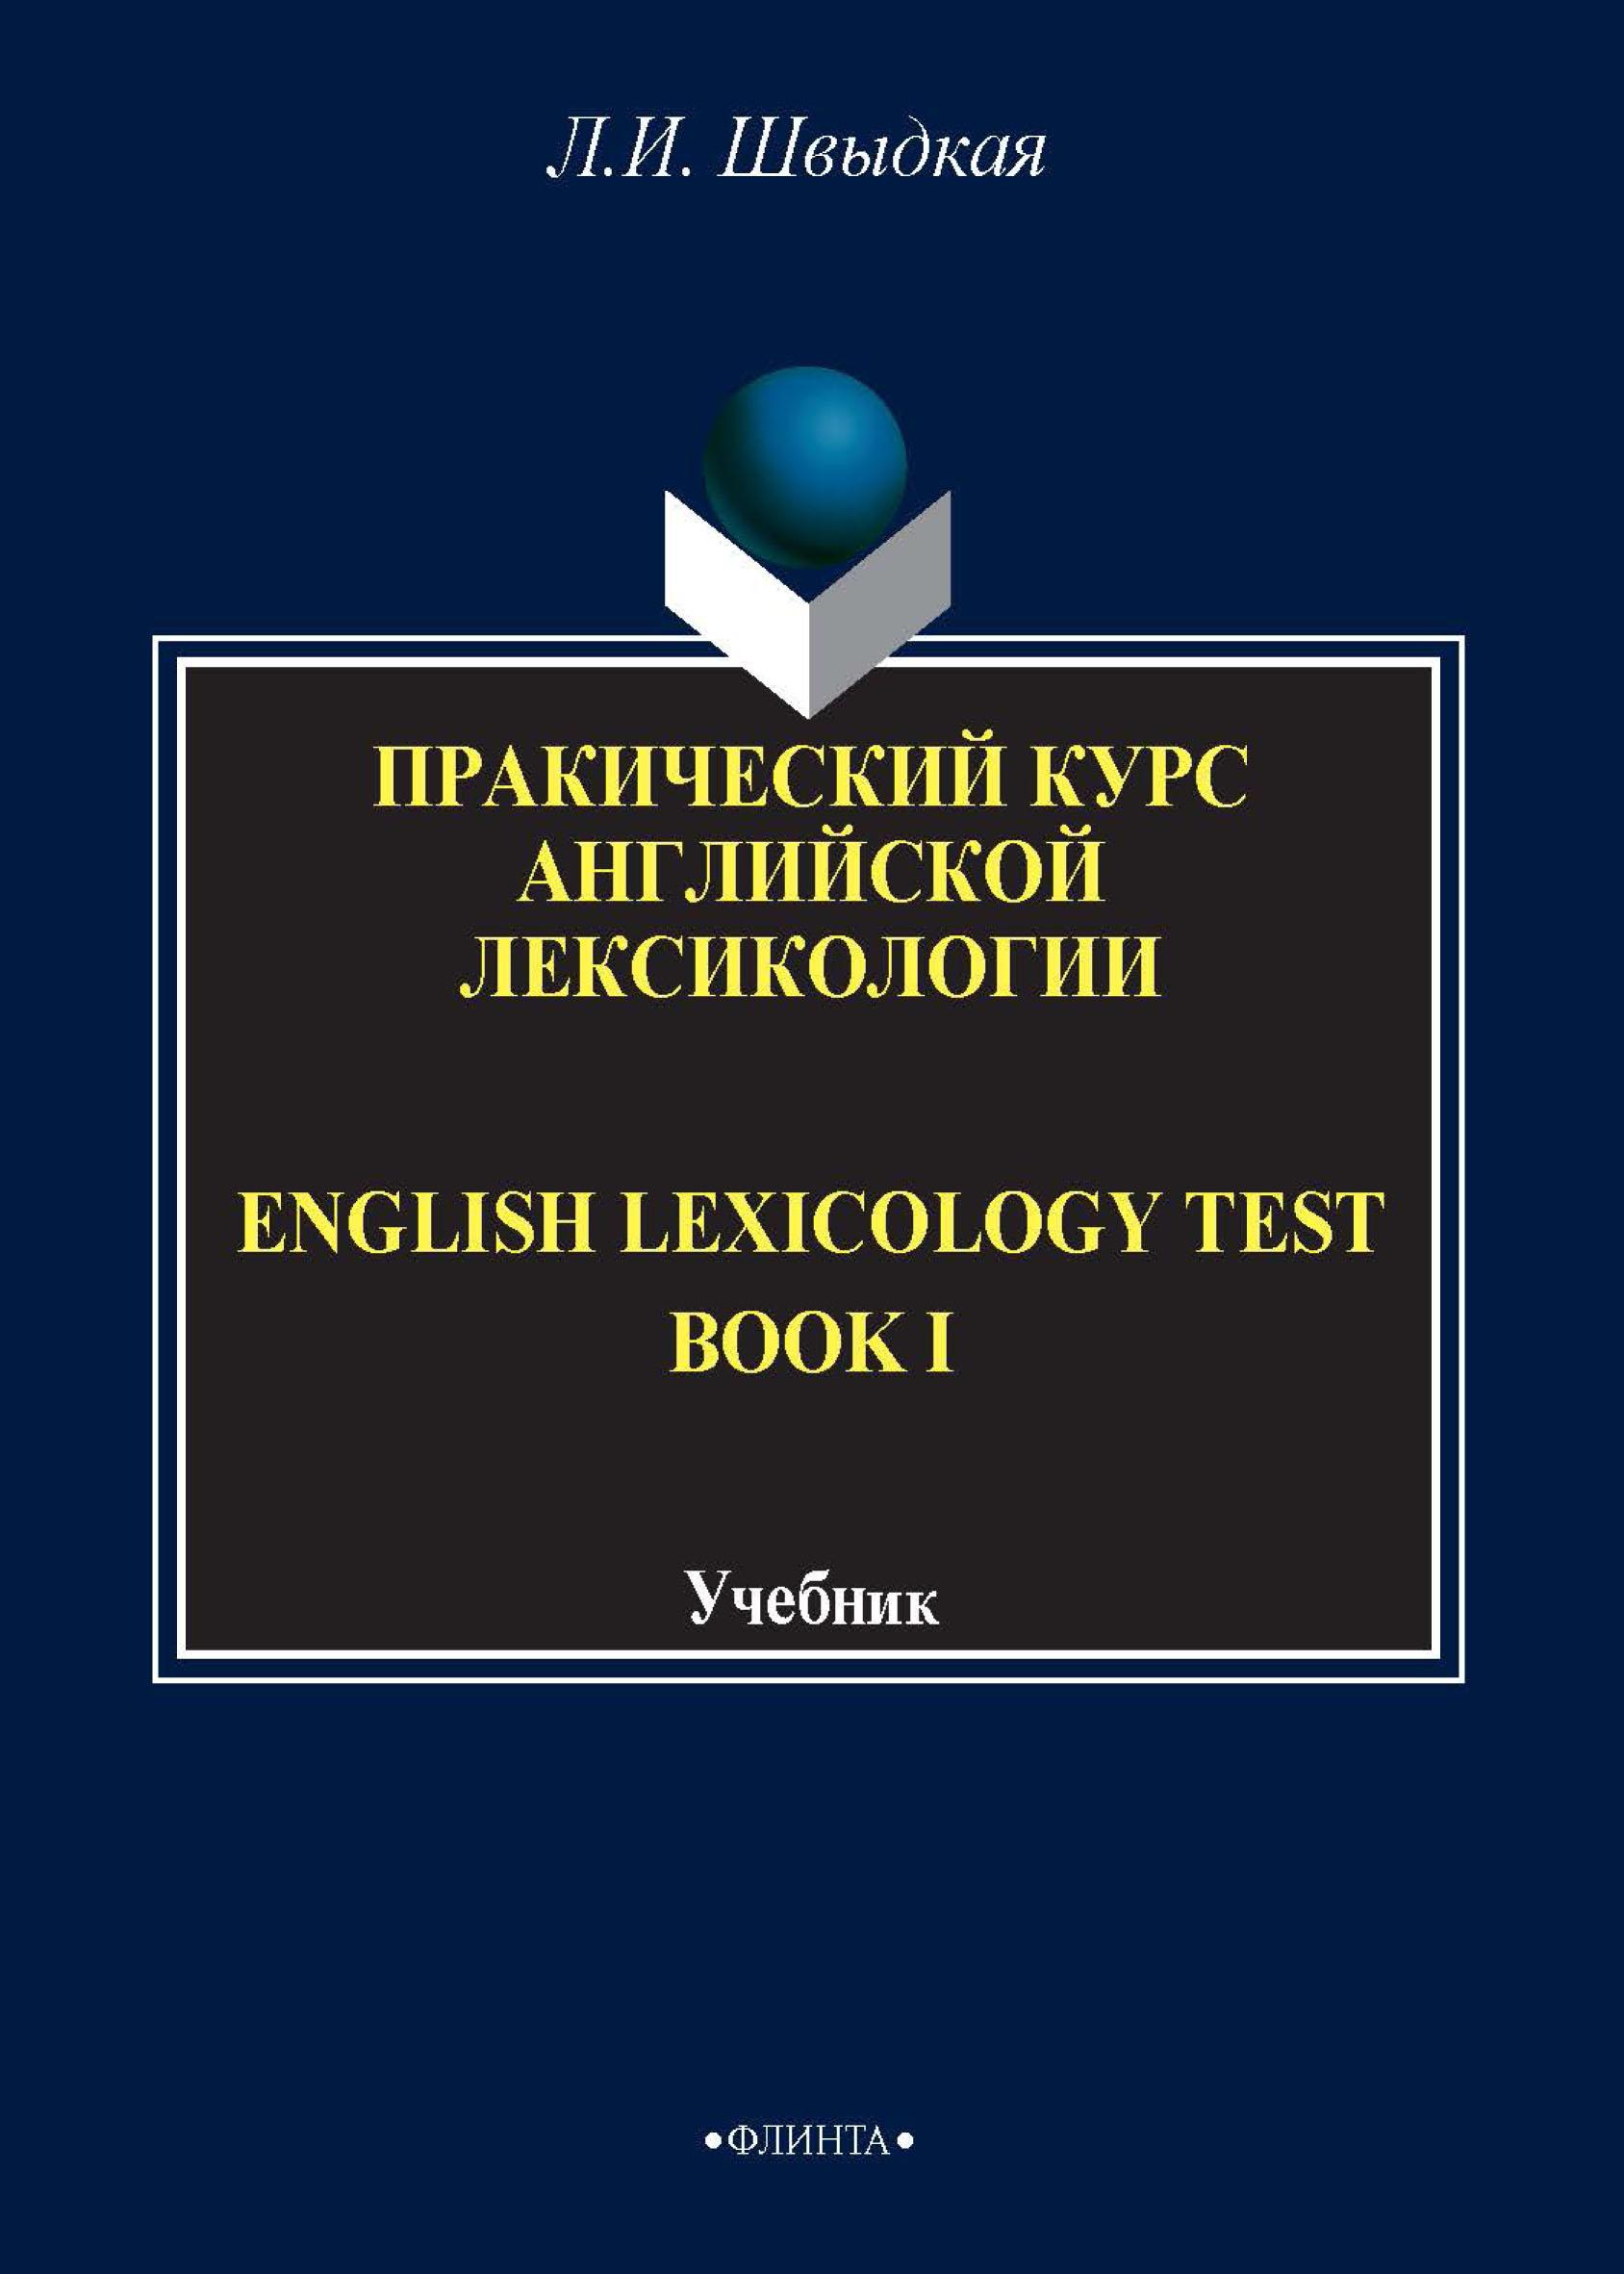 Л. И. Швыдкая English Lexicology Test Book. Практический курс английской лексикологии. Часть I гамильтон л пираты практический курс